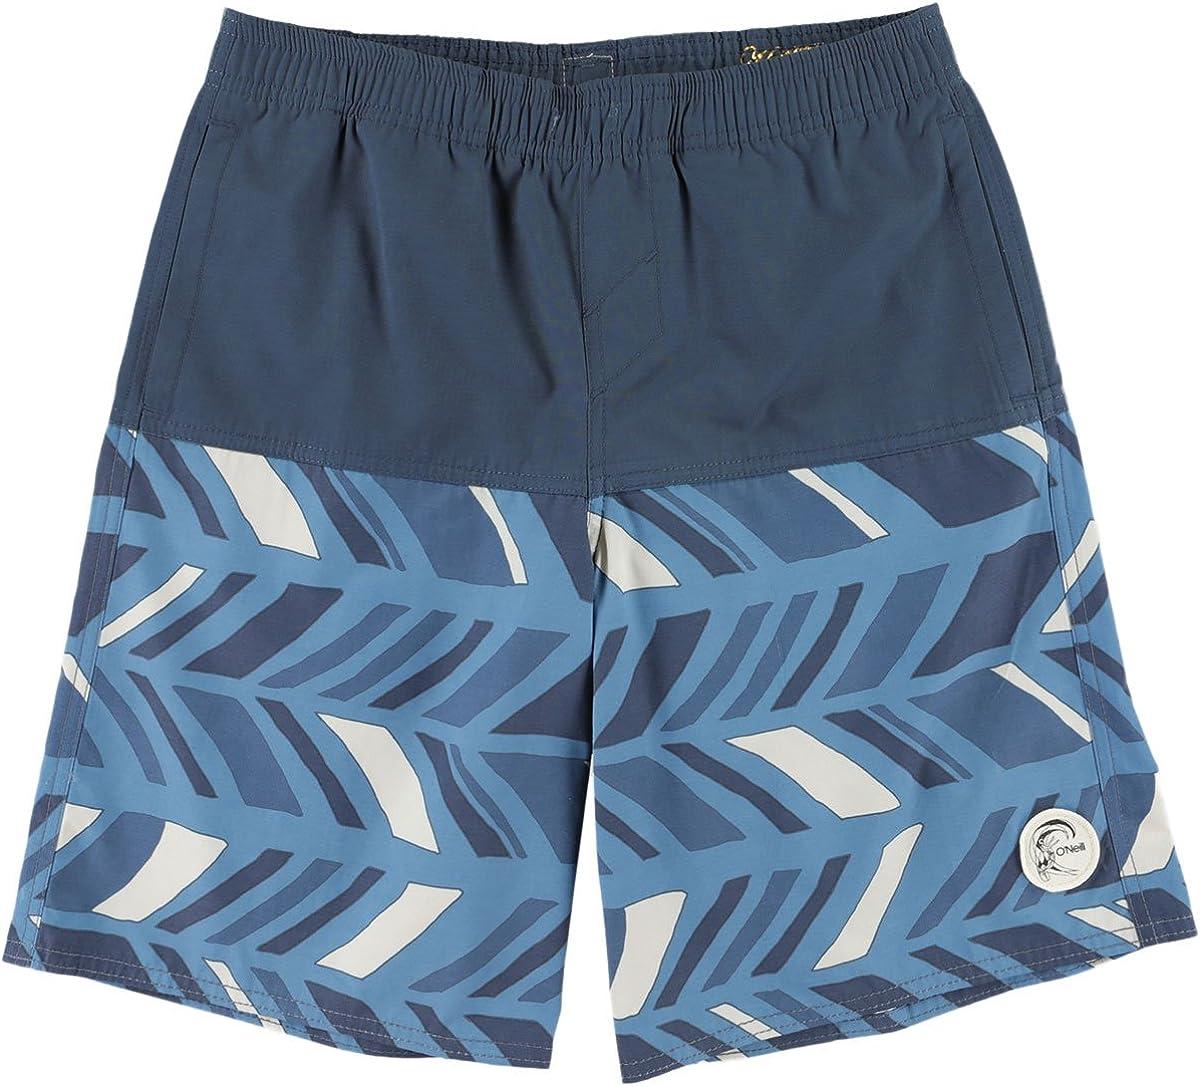 O'NEILL Boys Kanaloa Swim Trunk Boardshorts